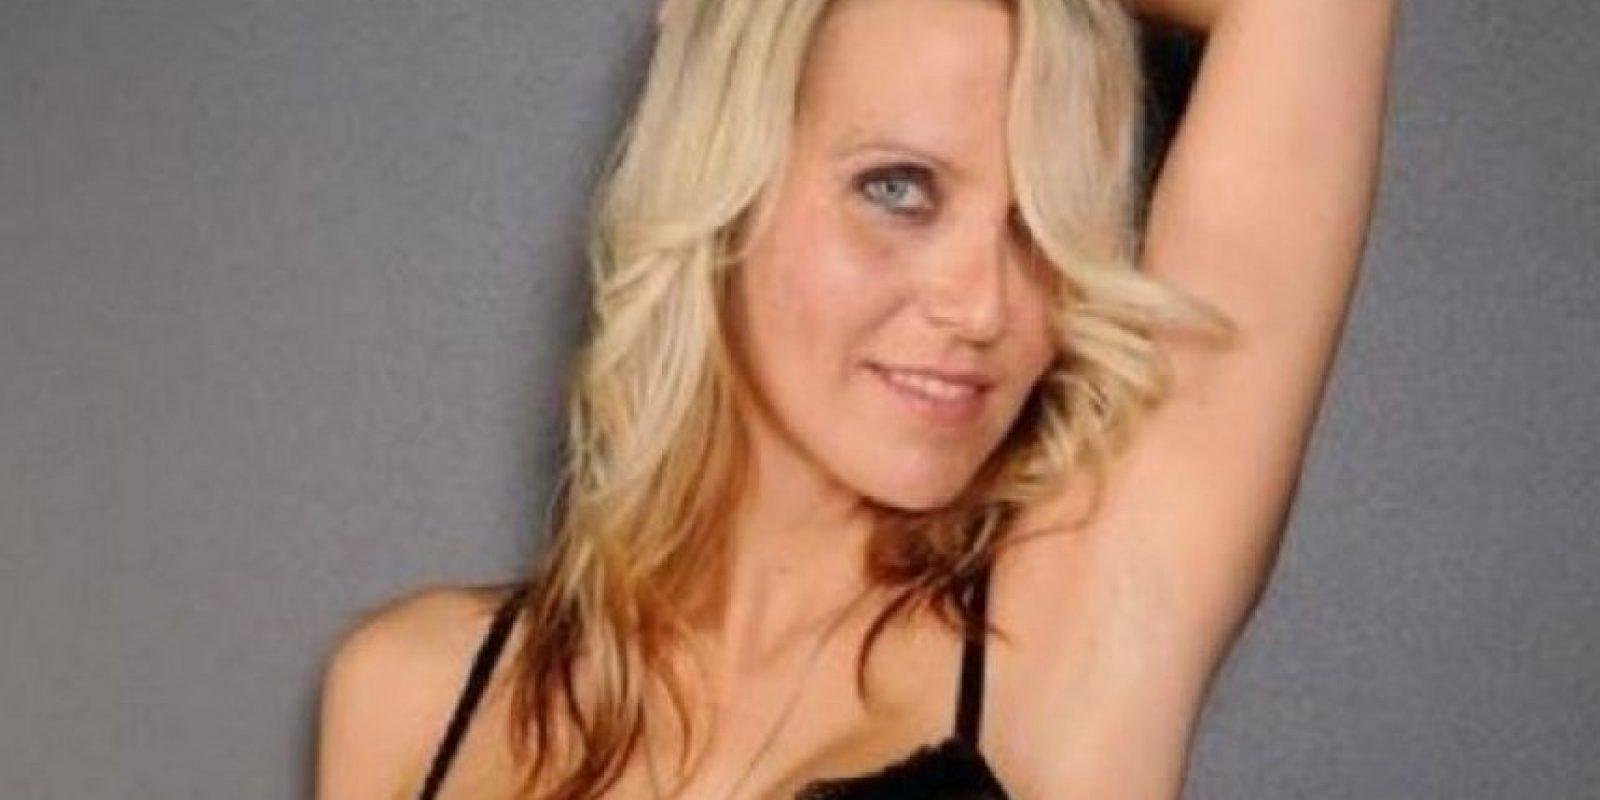 2. Julia Pink: fue despedida de una escuela religiosa por ser pornstar Foto:Facebook.com/Julia.blond